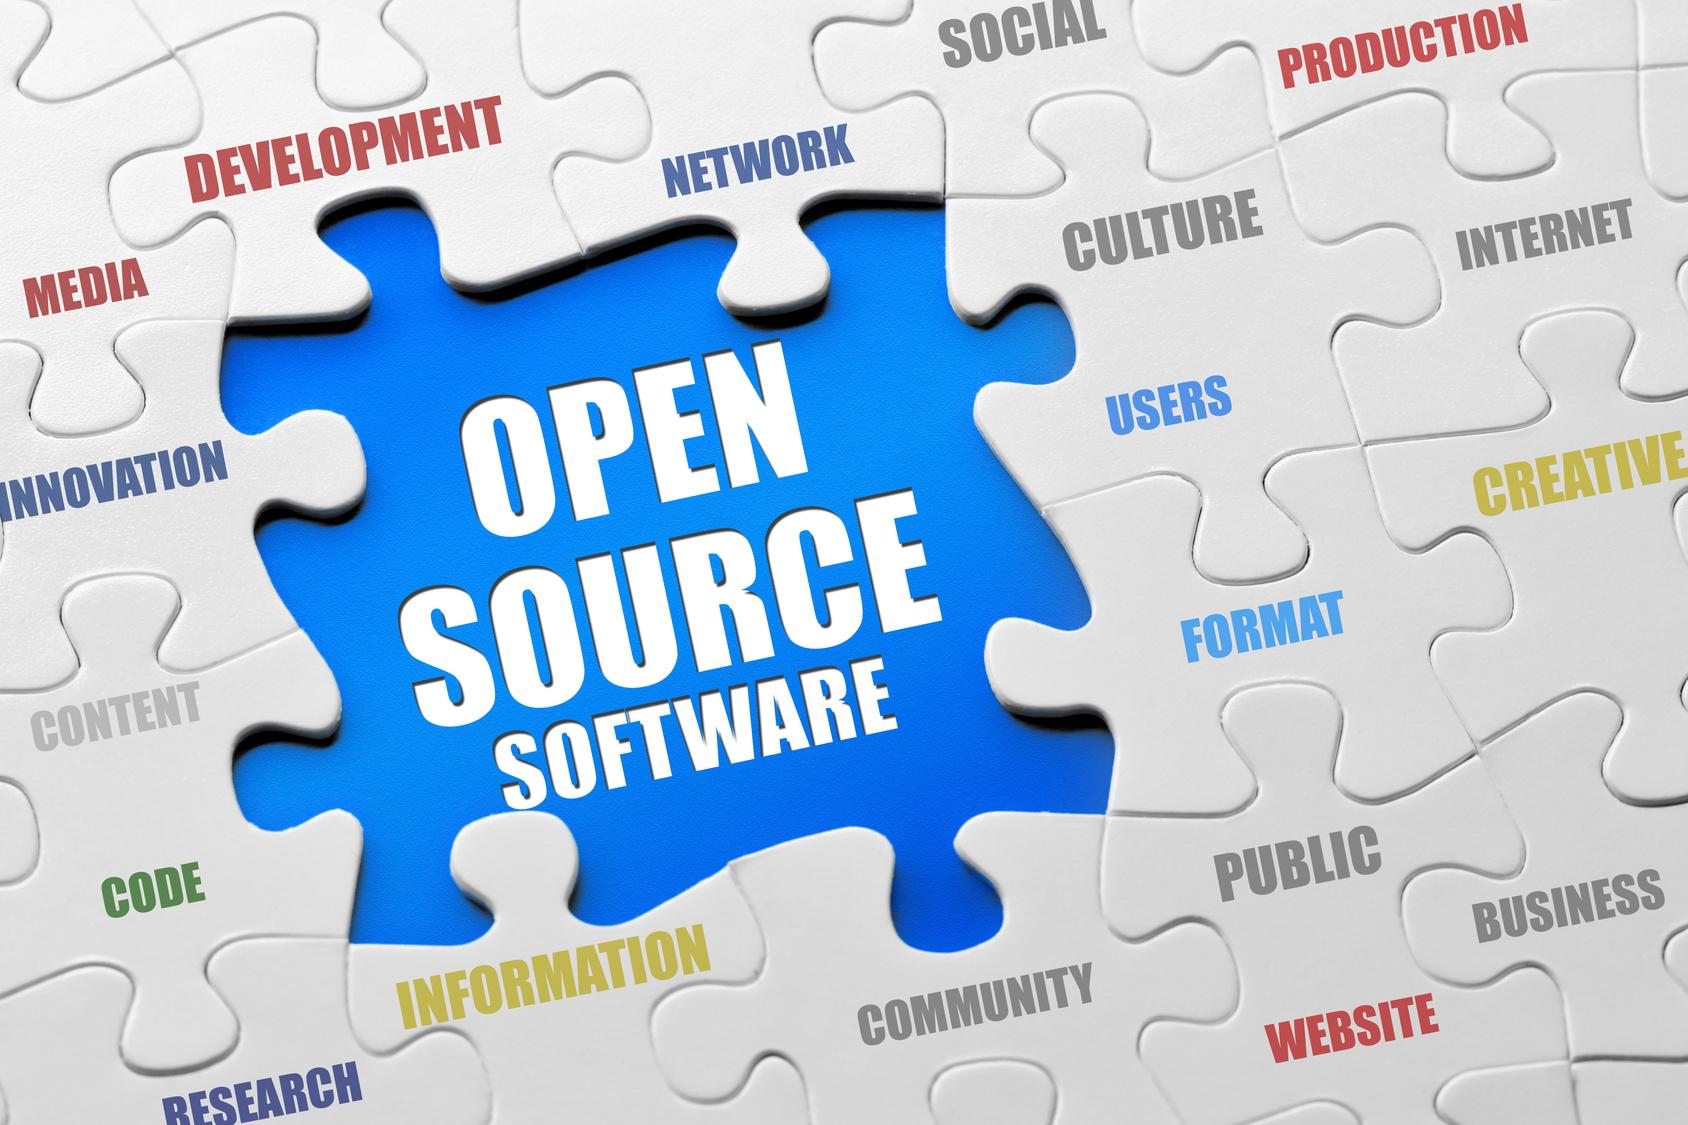 開源社群與社會工作倡議:開放的不只是程式碼